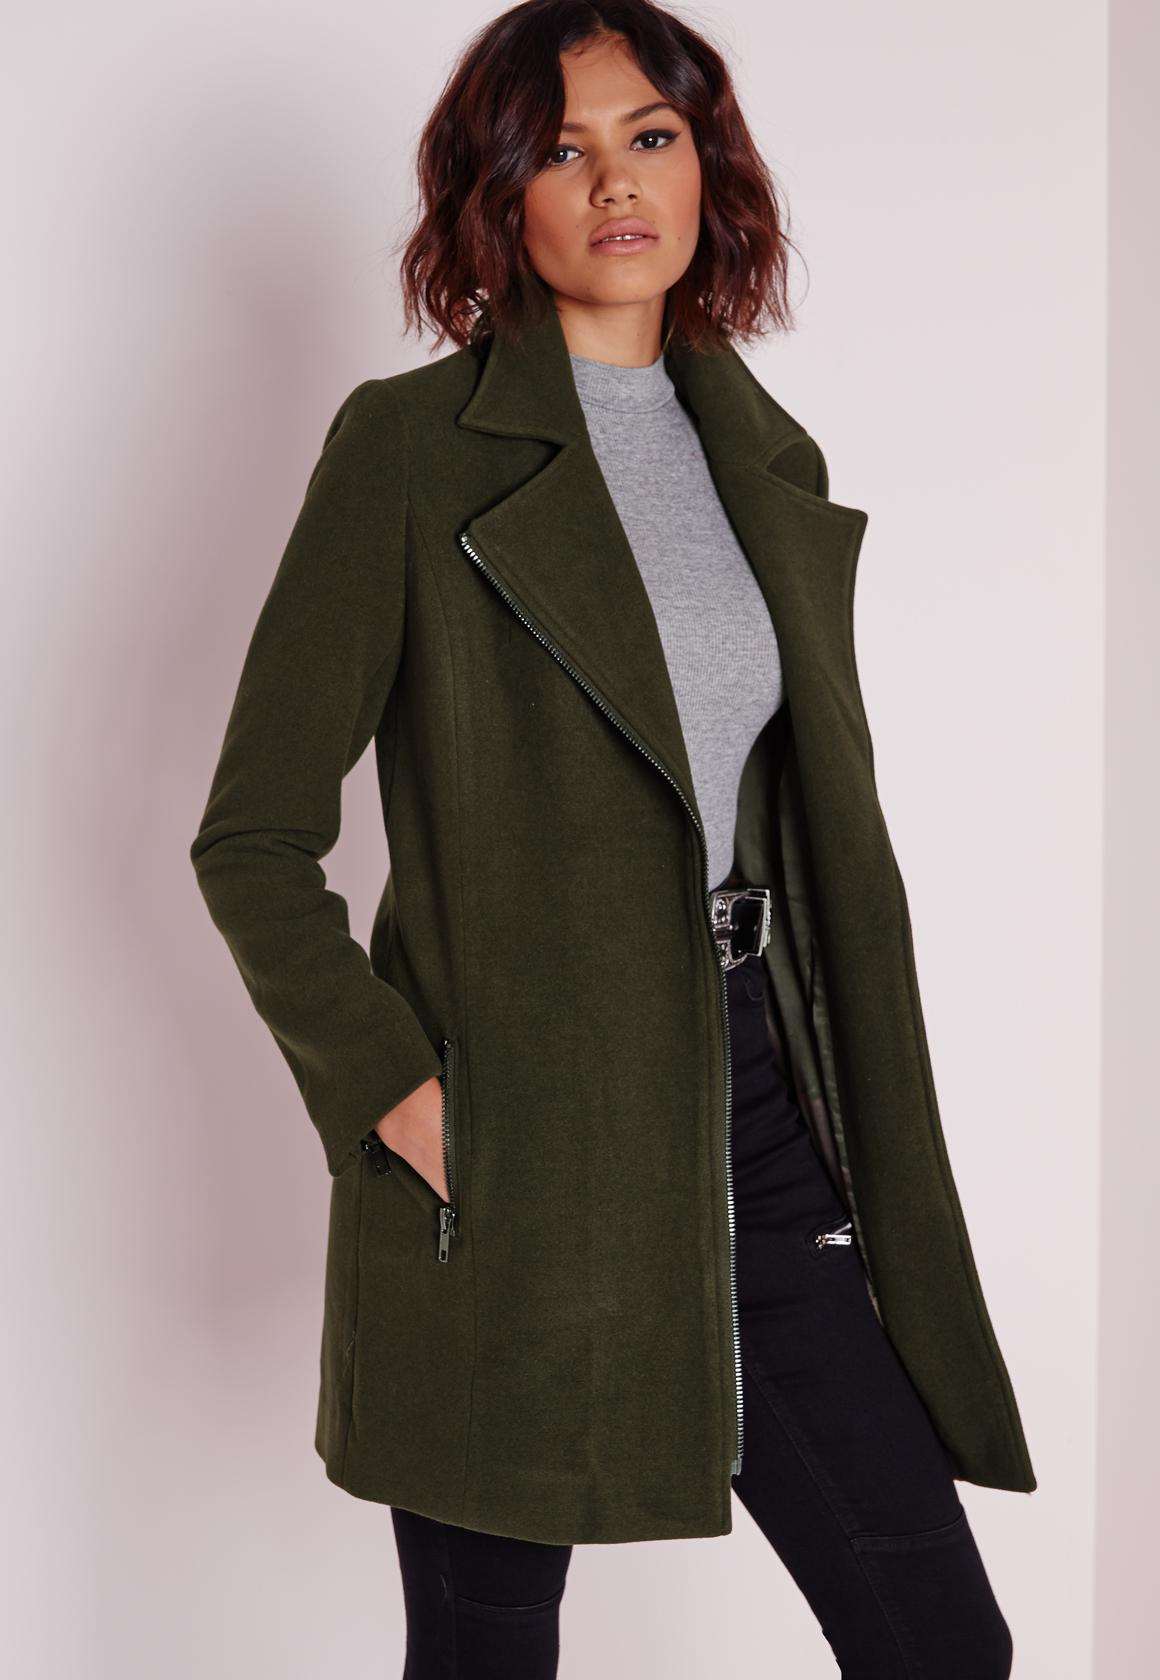 faux wool biker jacket khaki missguided #0: faux wool biker jacket khaki product page zoom 1x